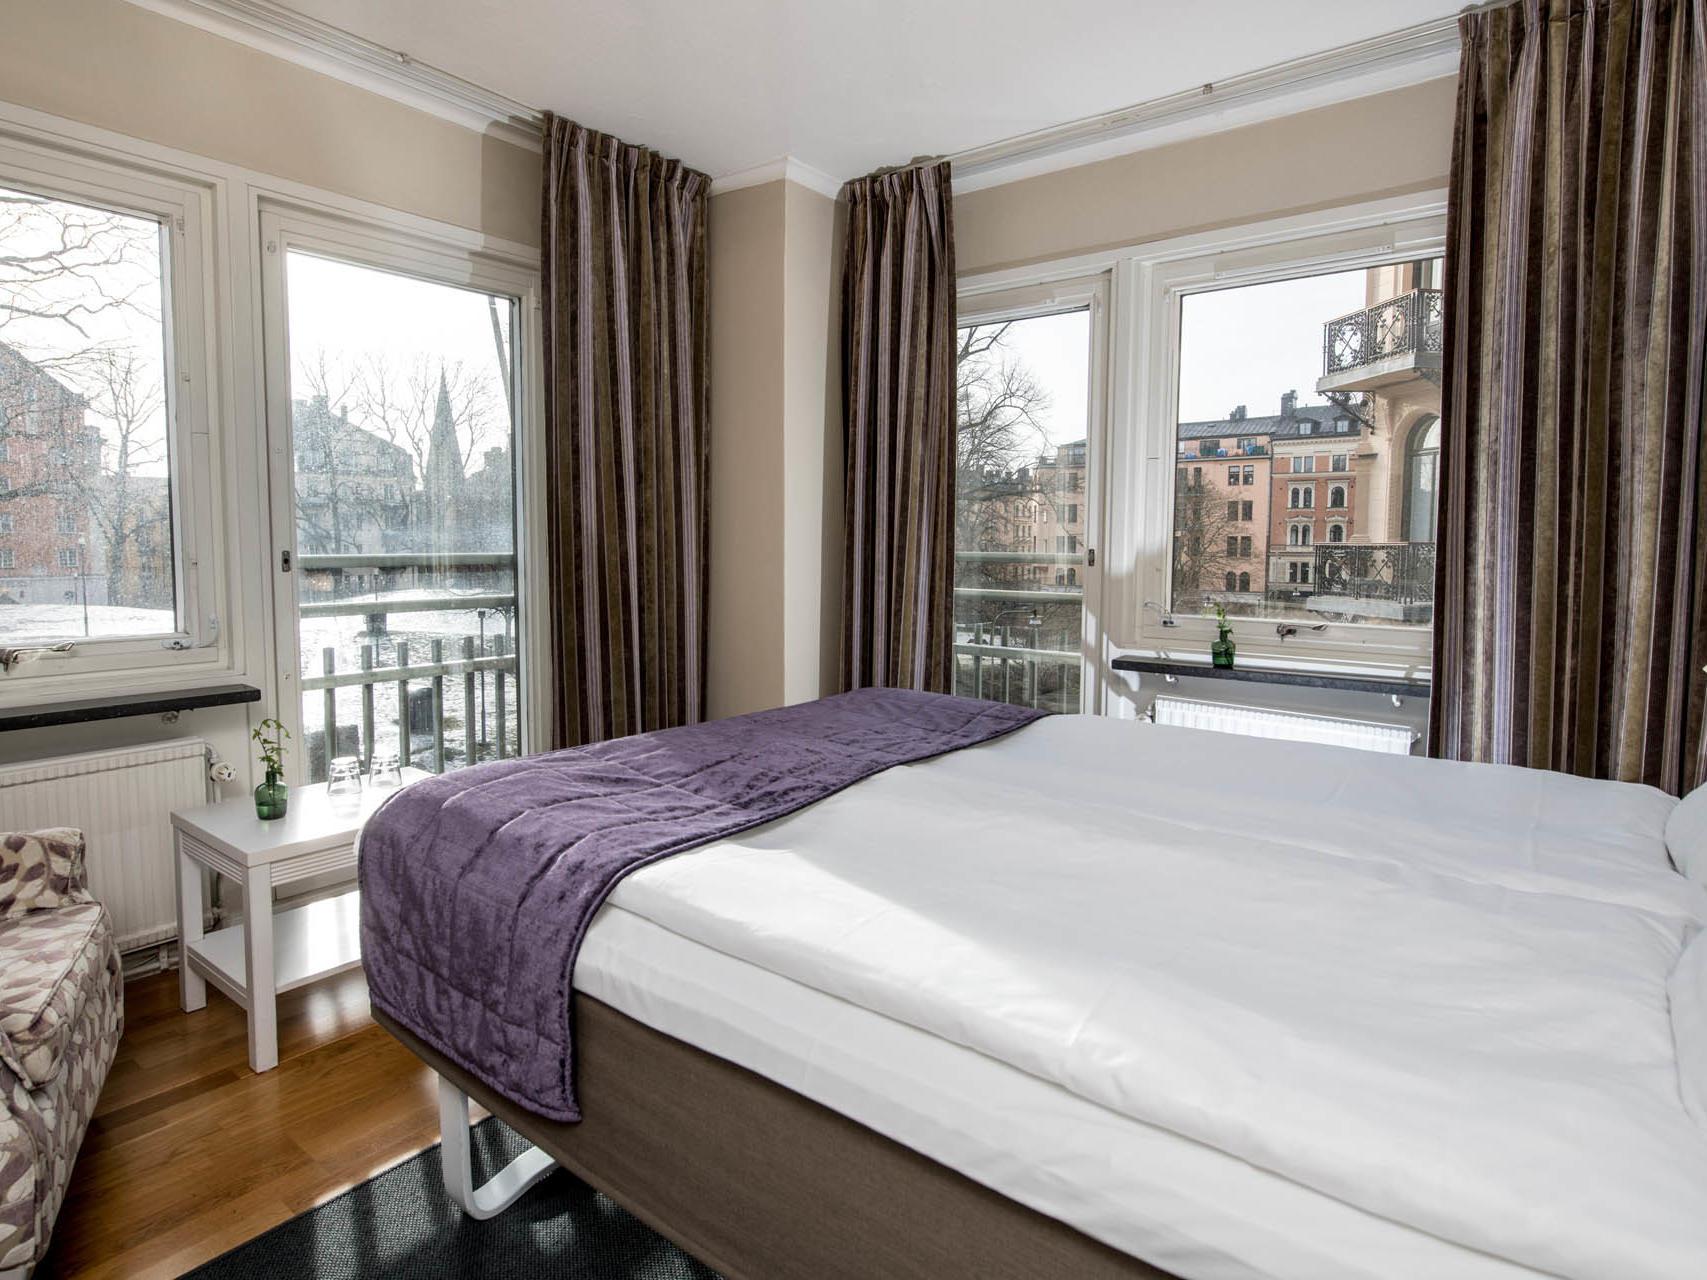 Park View Corner Room at Hotel Tegnérlunden in Stockholm